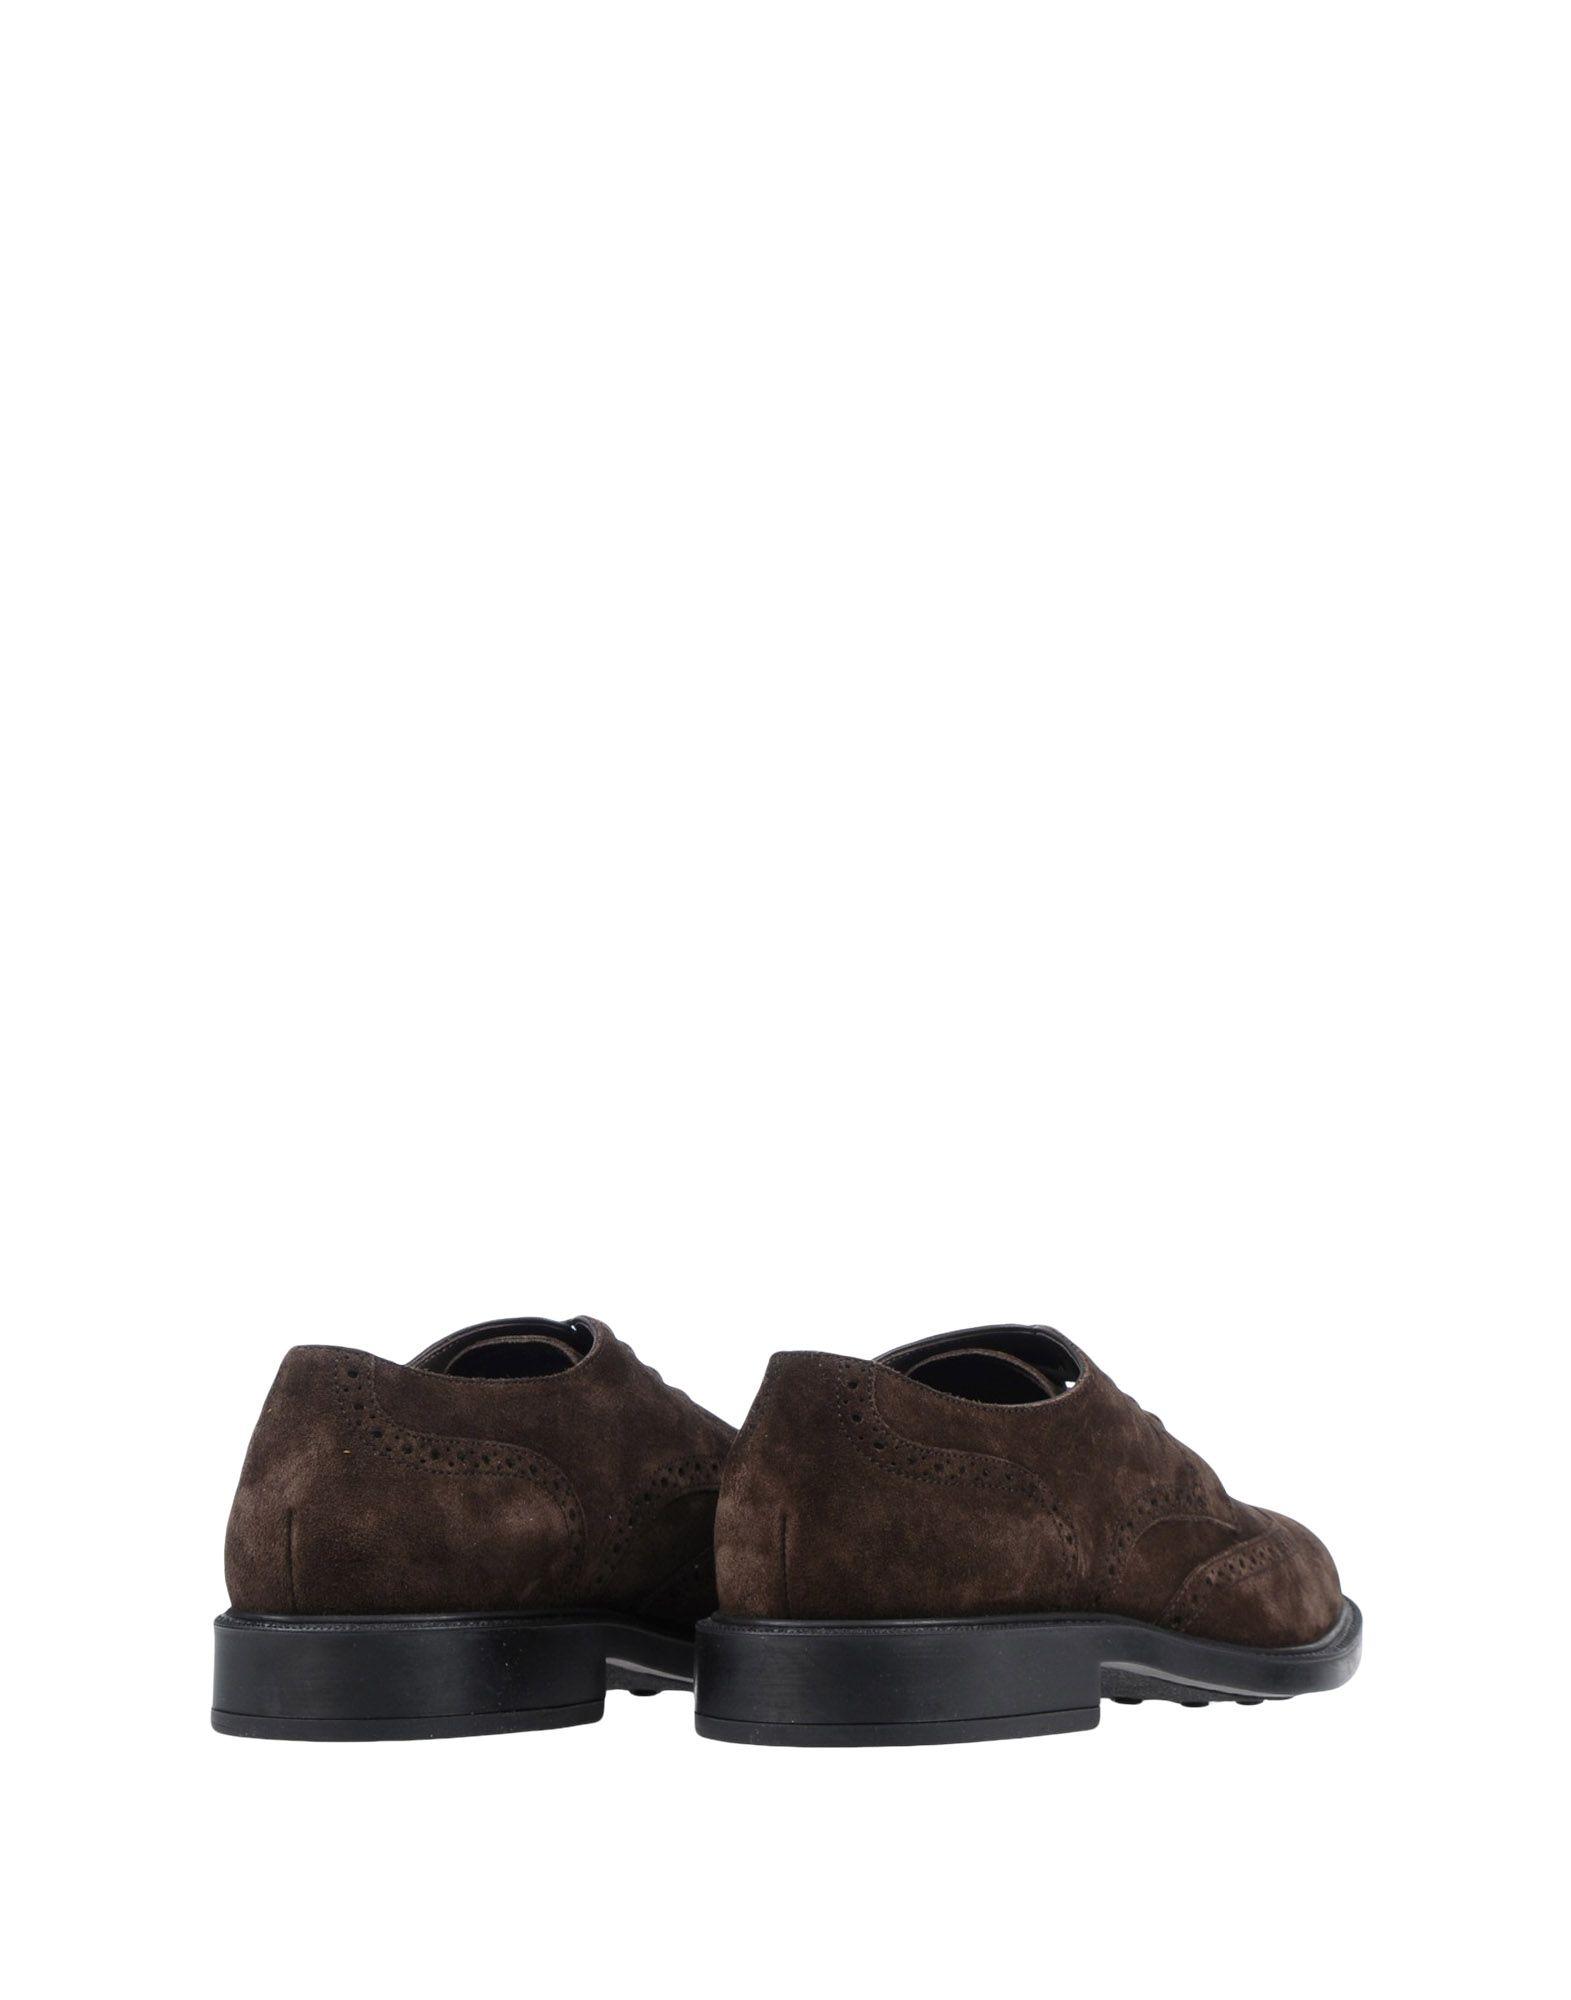 Tod's Schnürschuhe Qualität Herren  11508061NB Gute Qualität Schnürschuhe beliebte Schuhe 369706